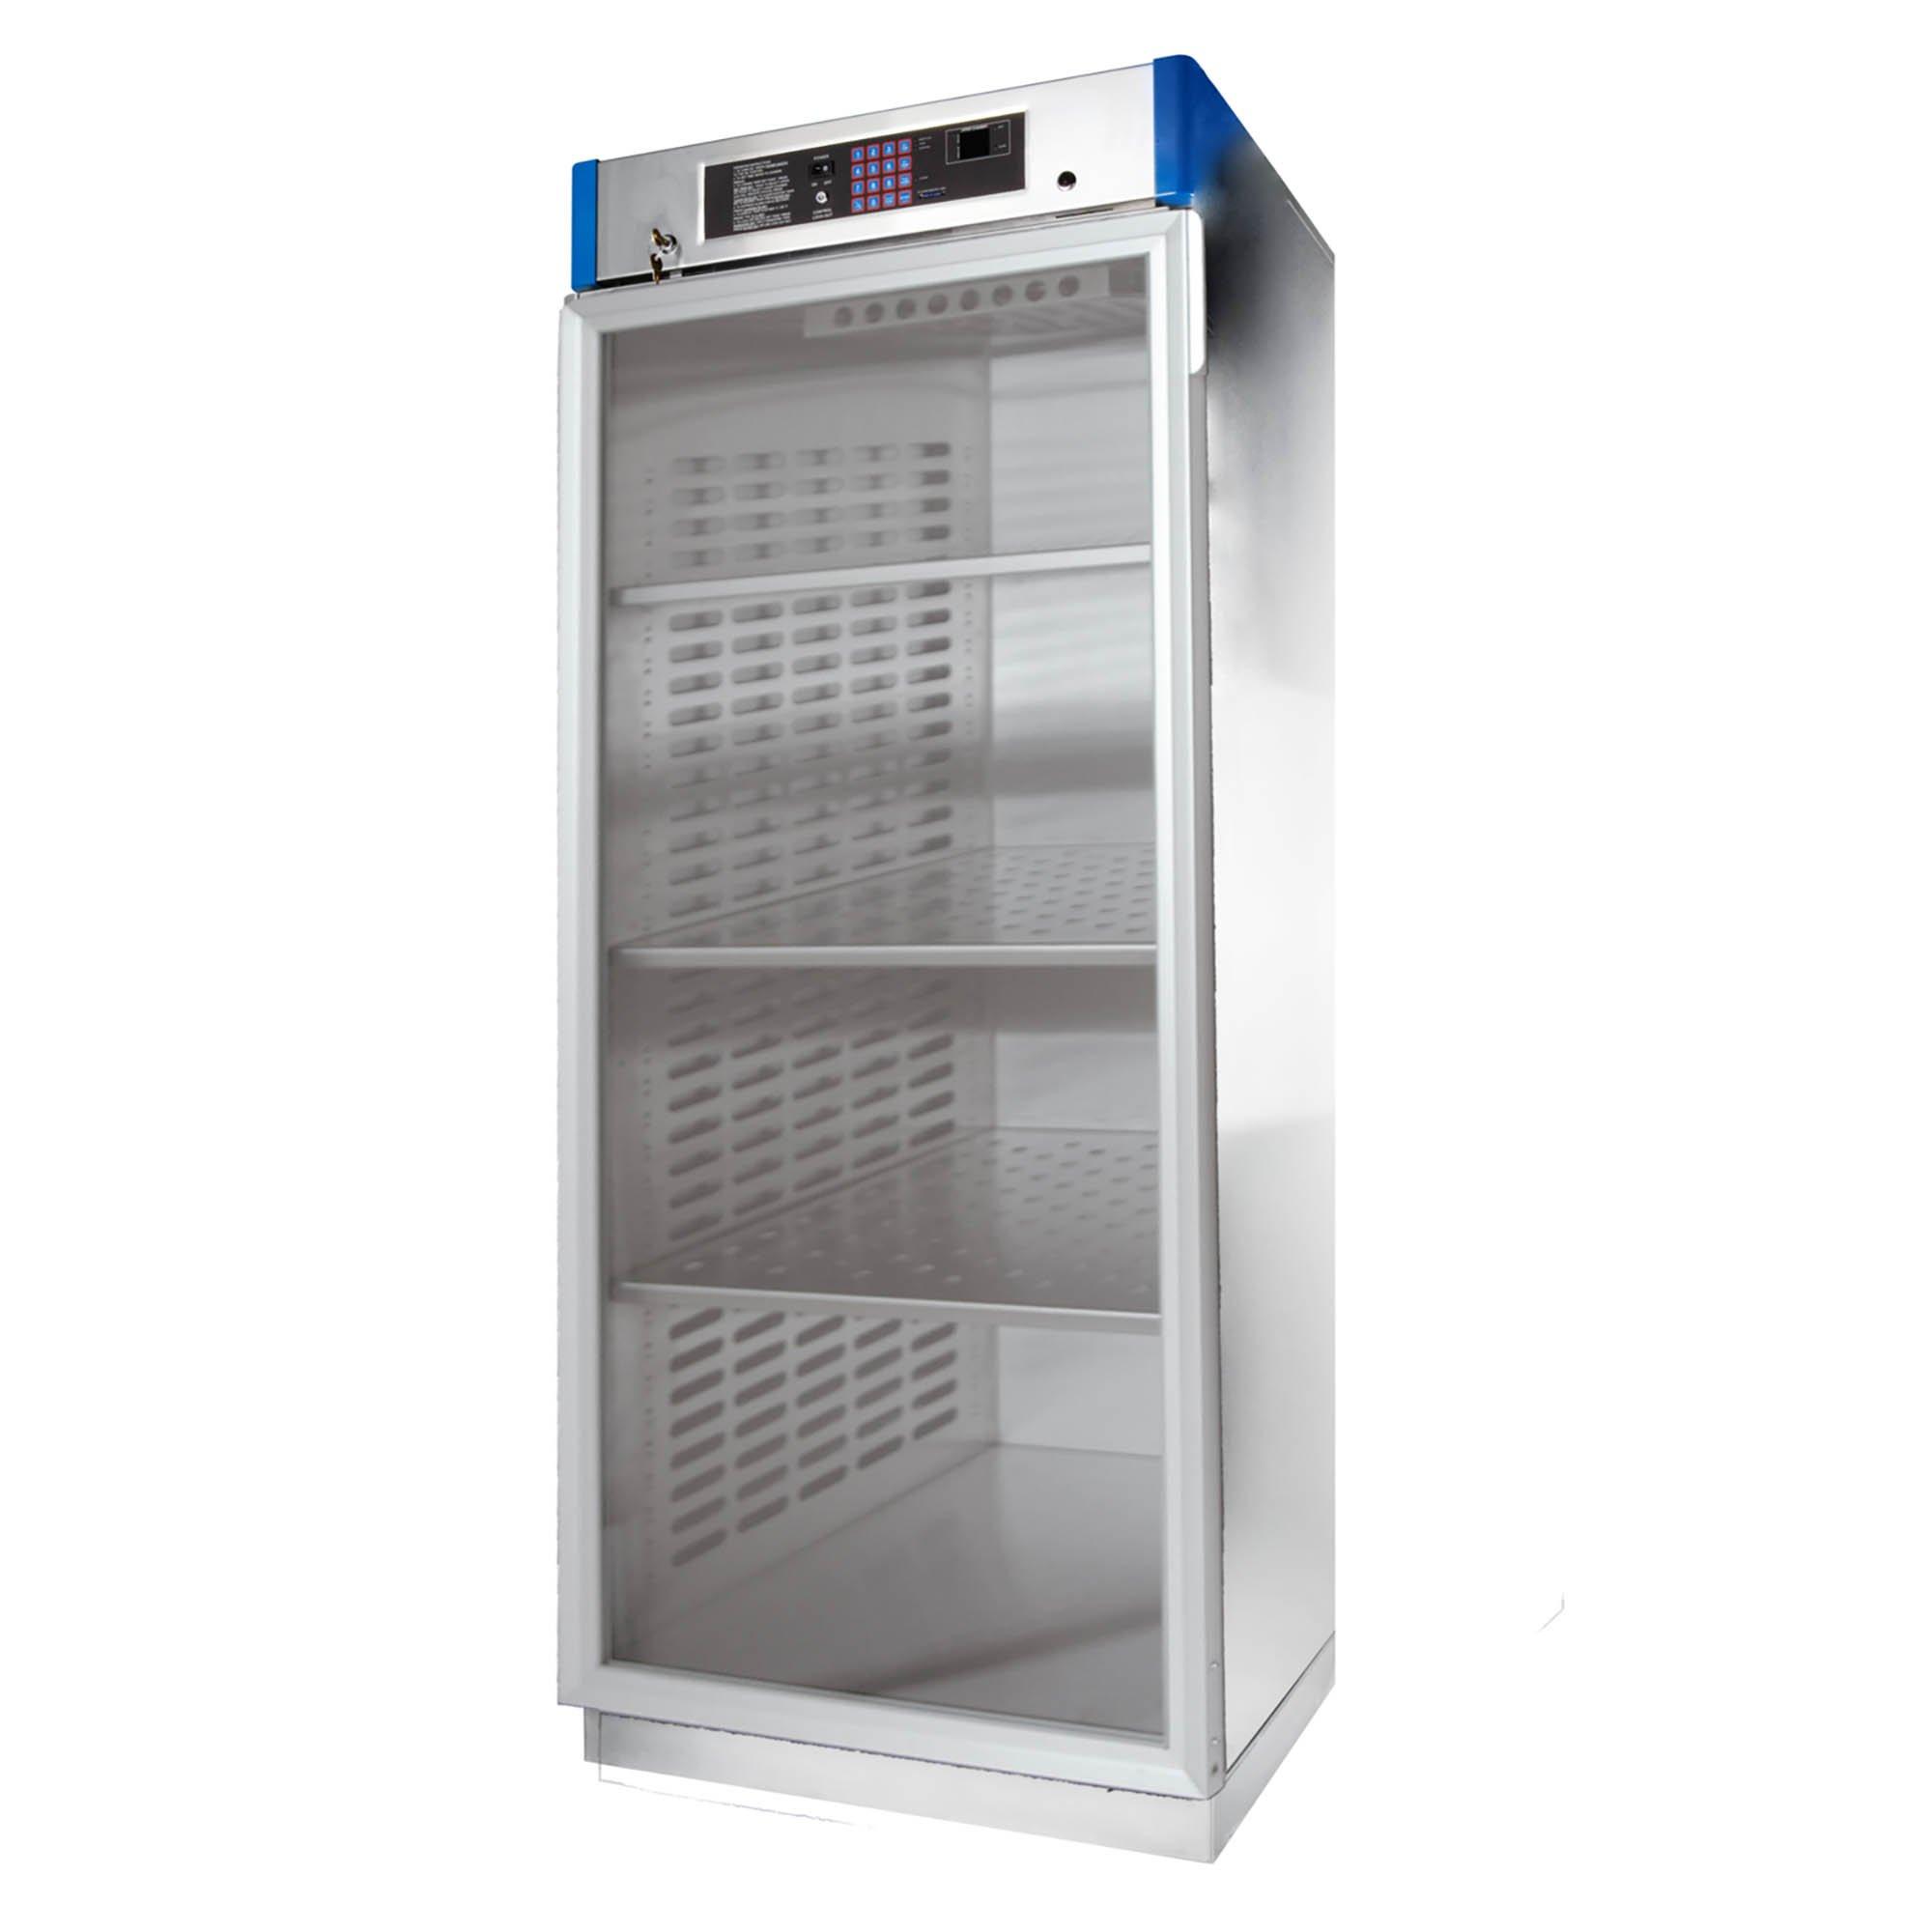 Blickman Warming Cabinet - Single Glass Door - 74 1/2